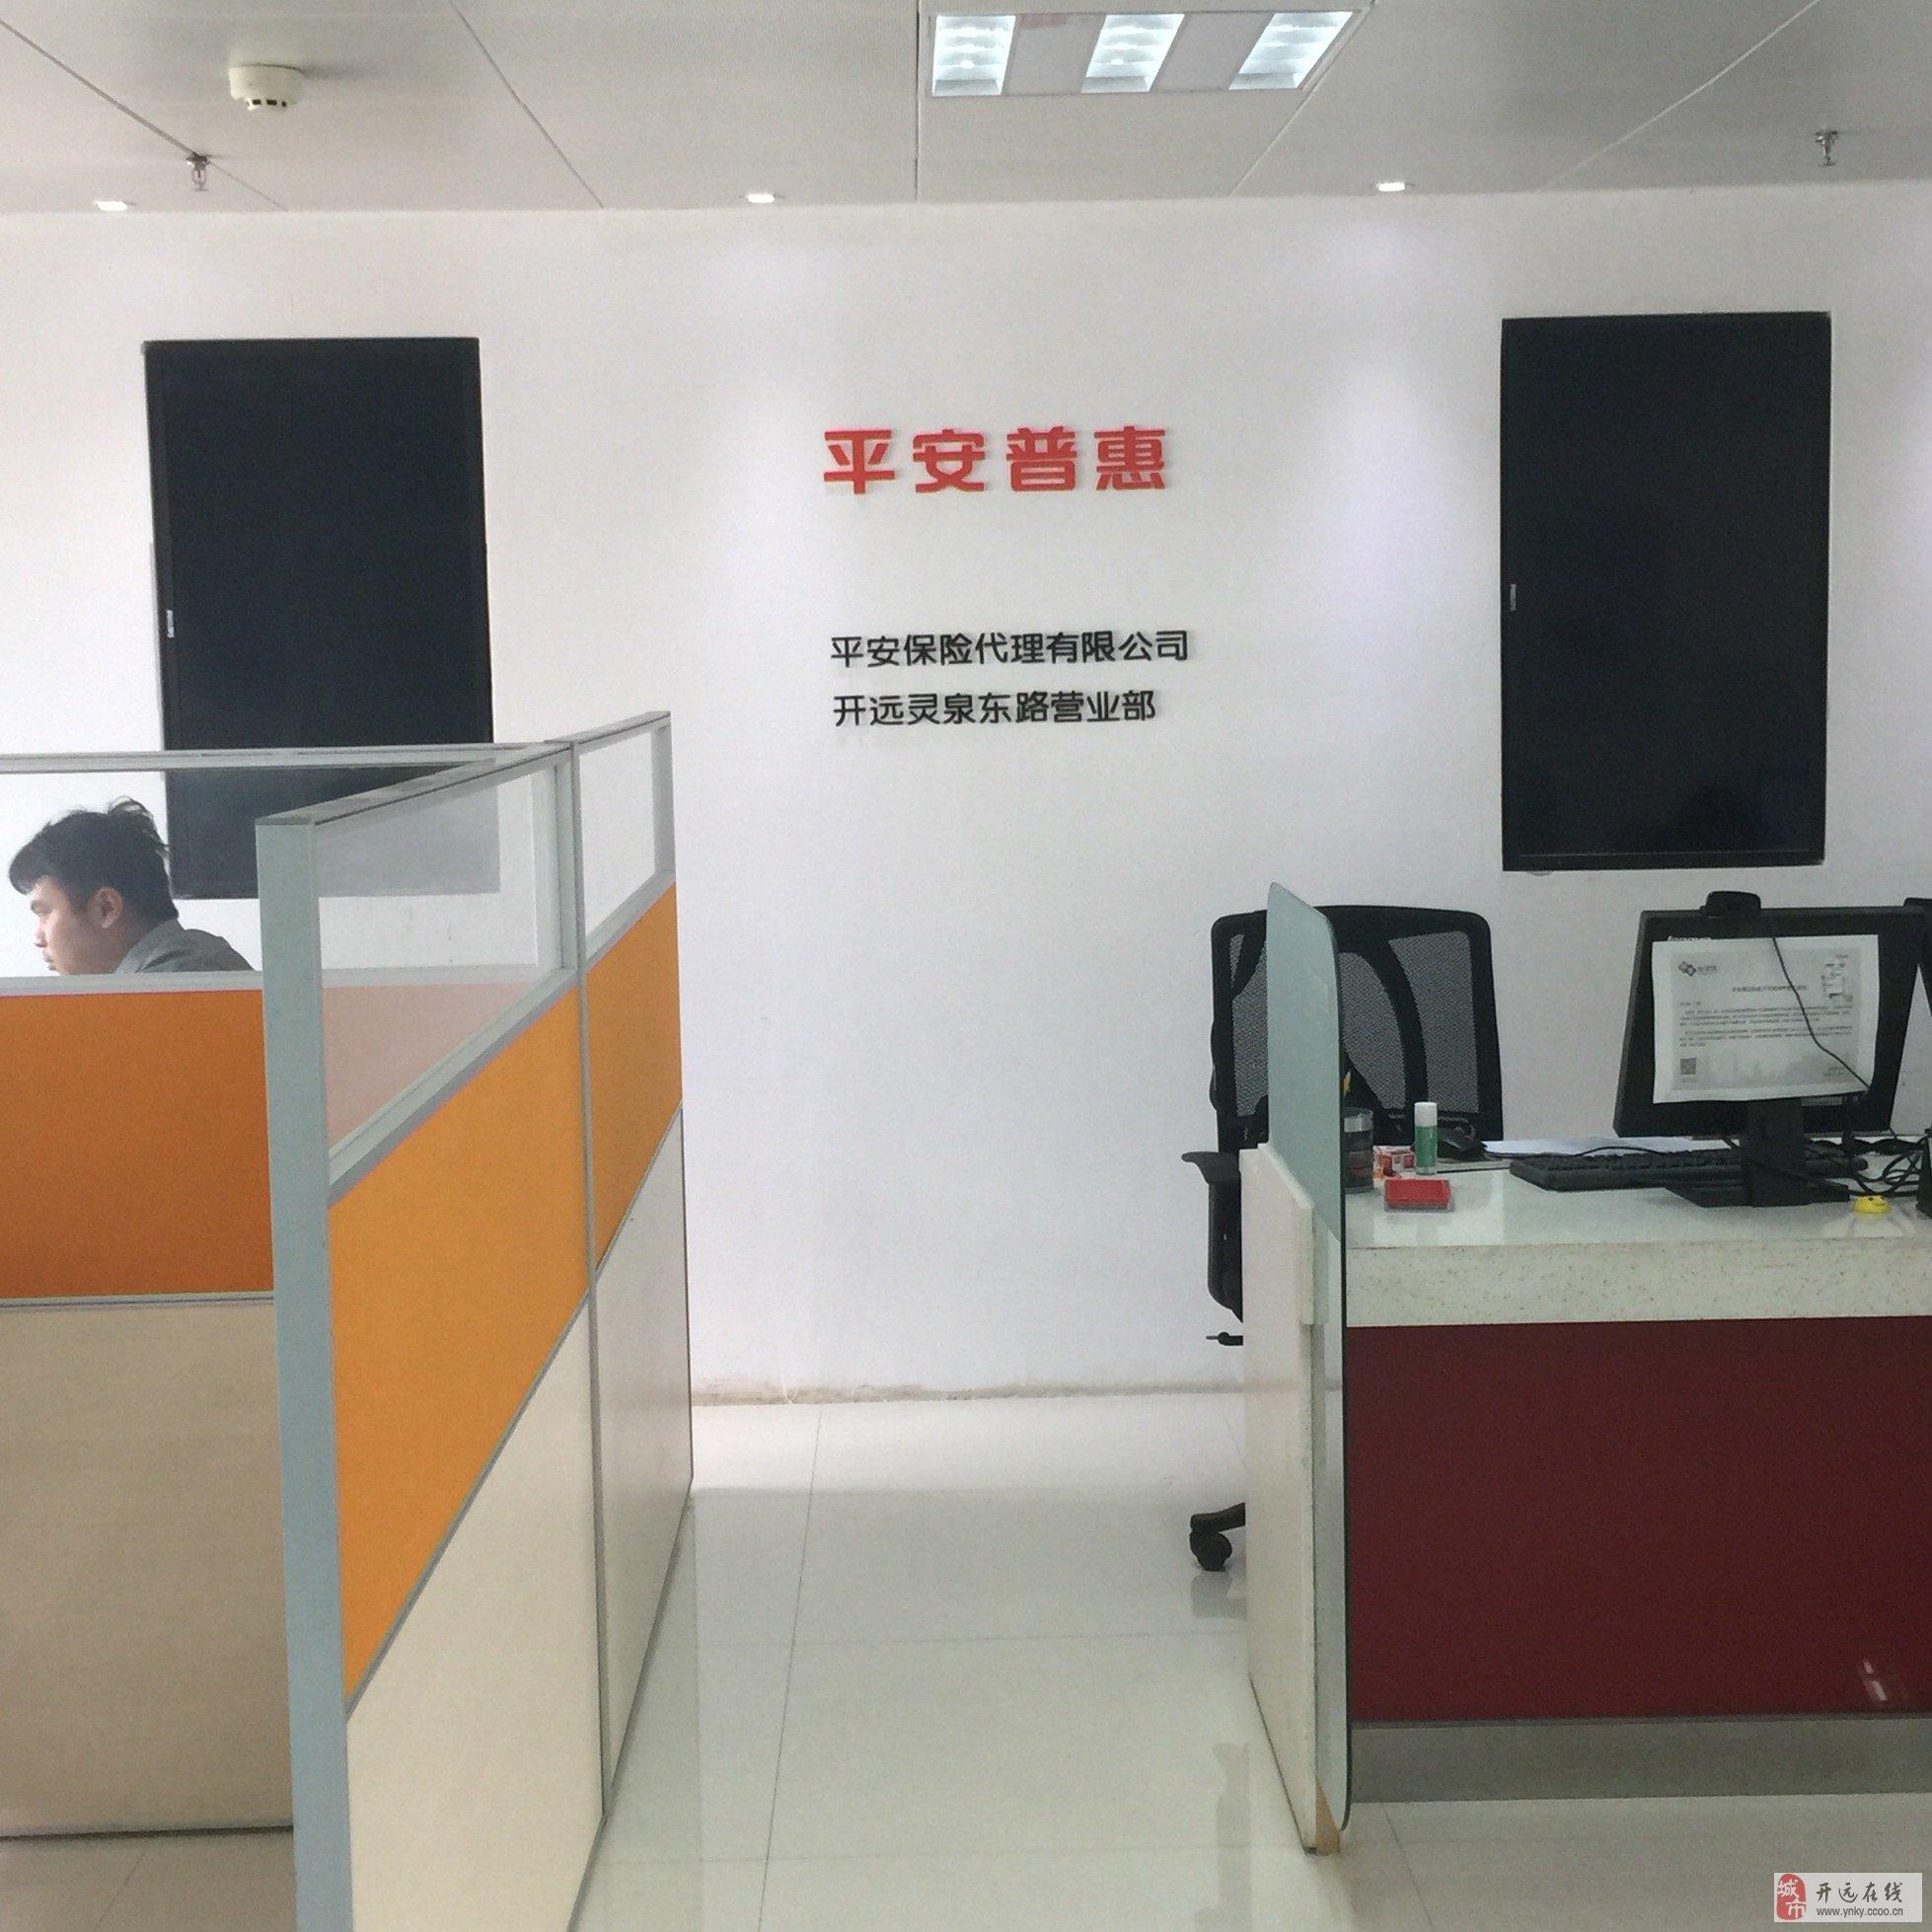 平安普惠小额贷款有限公司